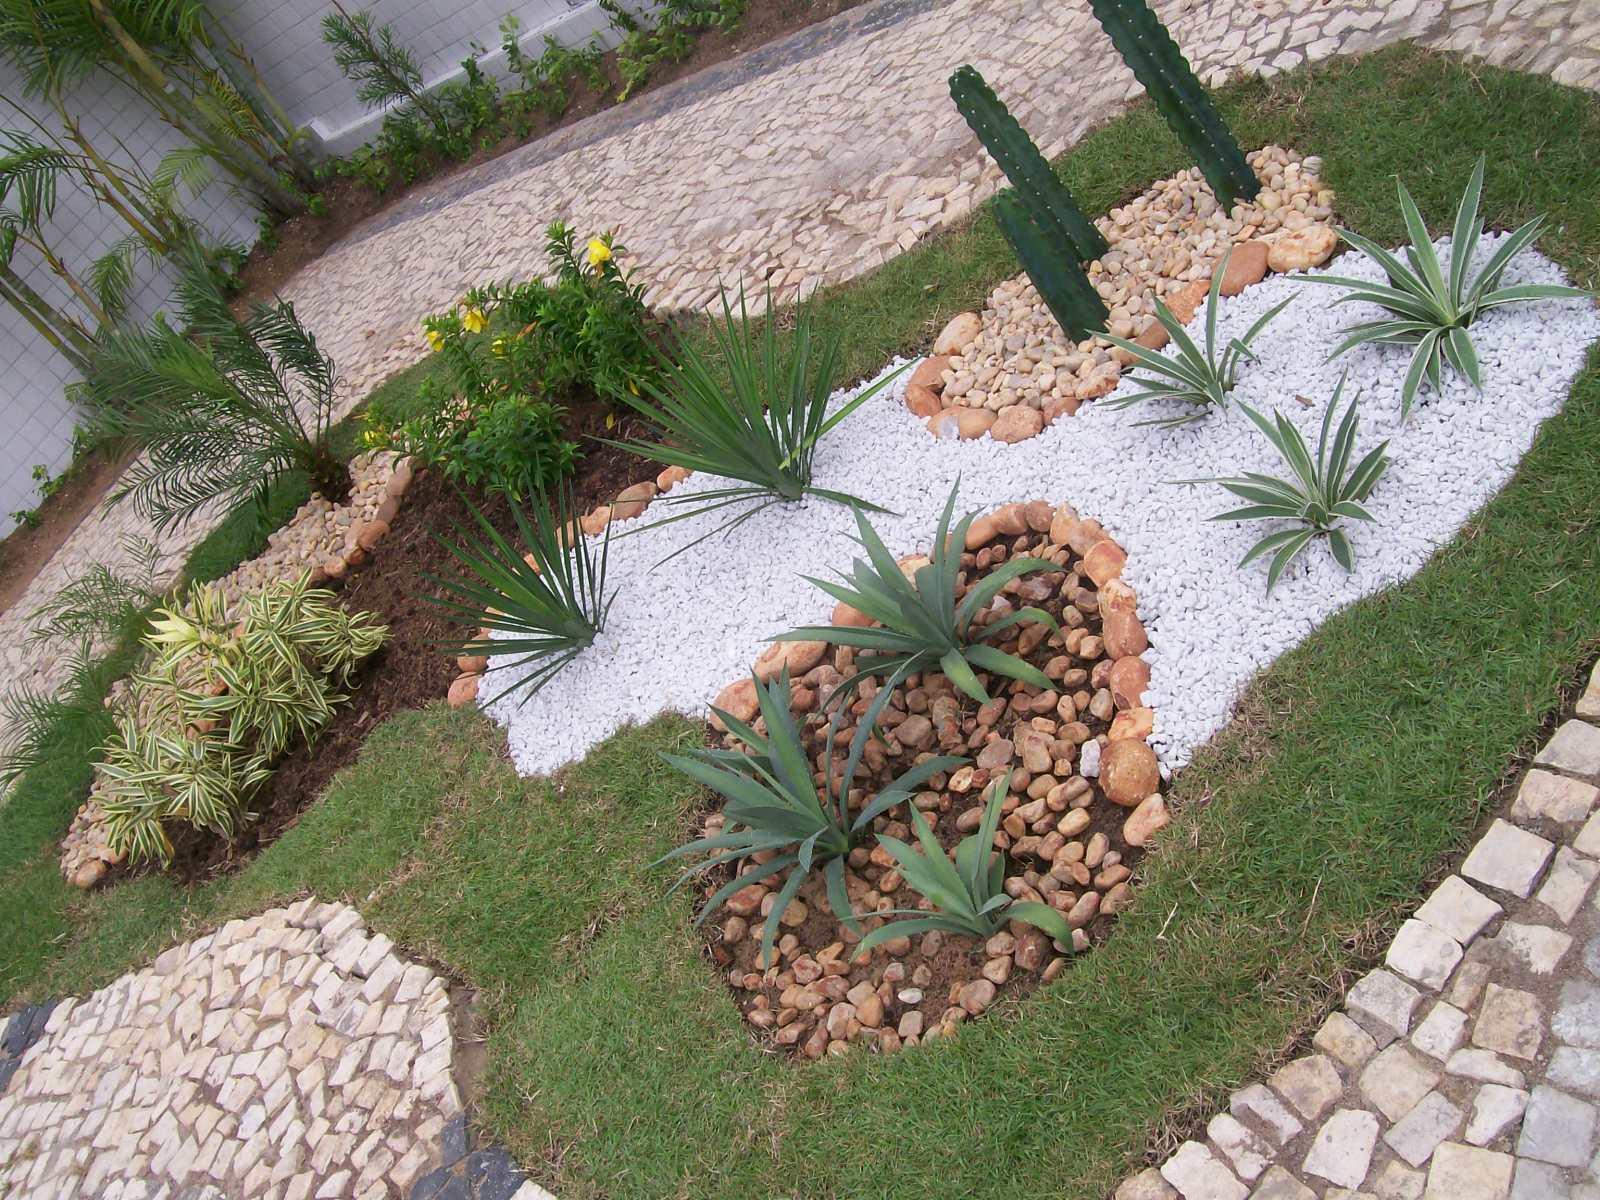 enfeites para jardim em fortaleza:Postado por PLANTAS & JARDINS às 08:37